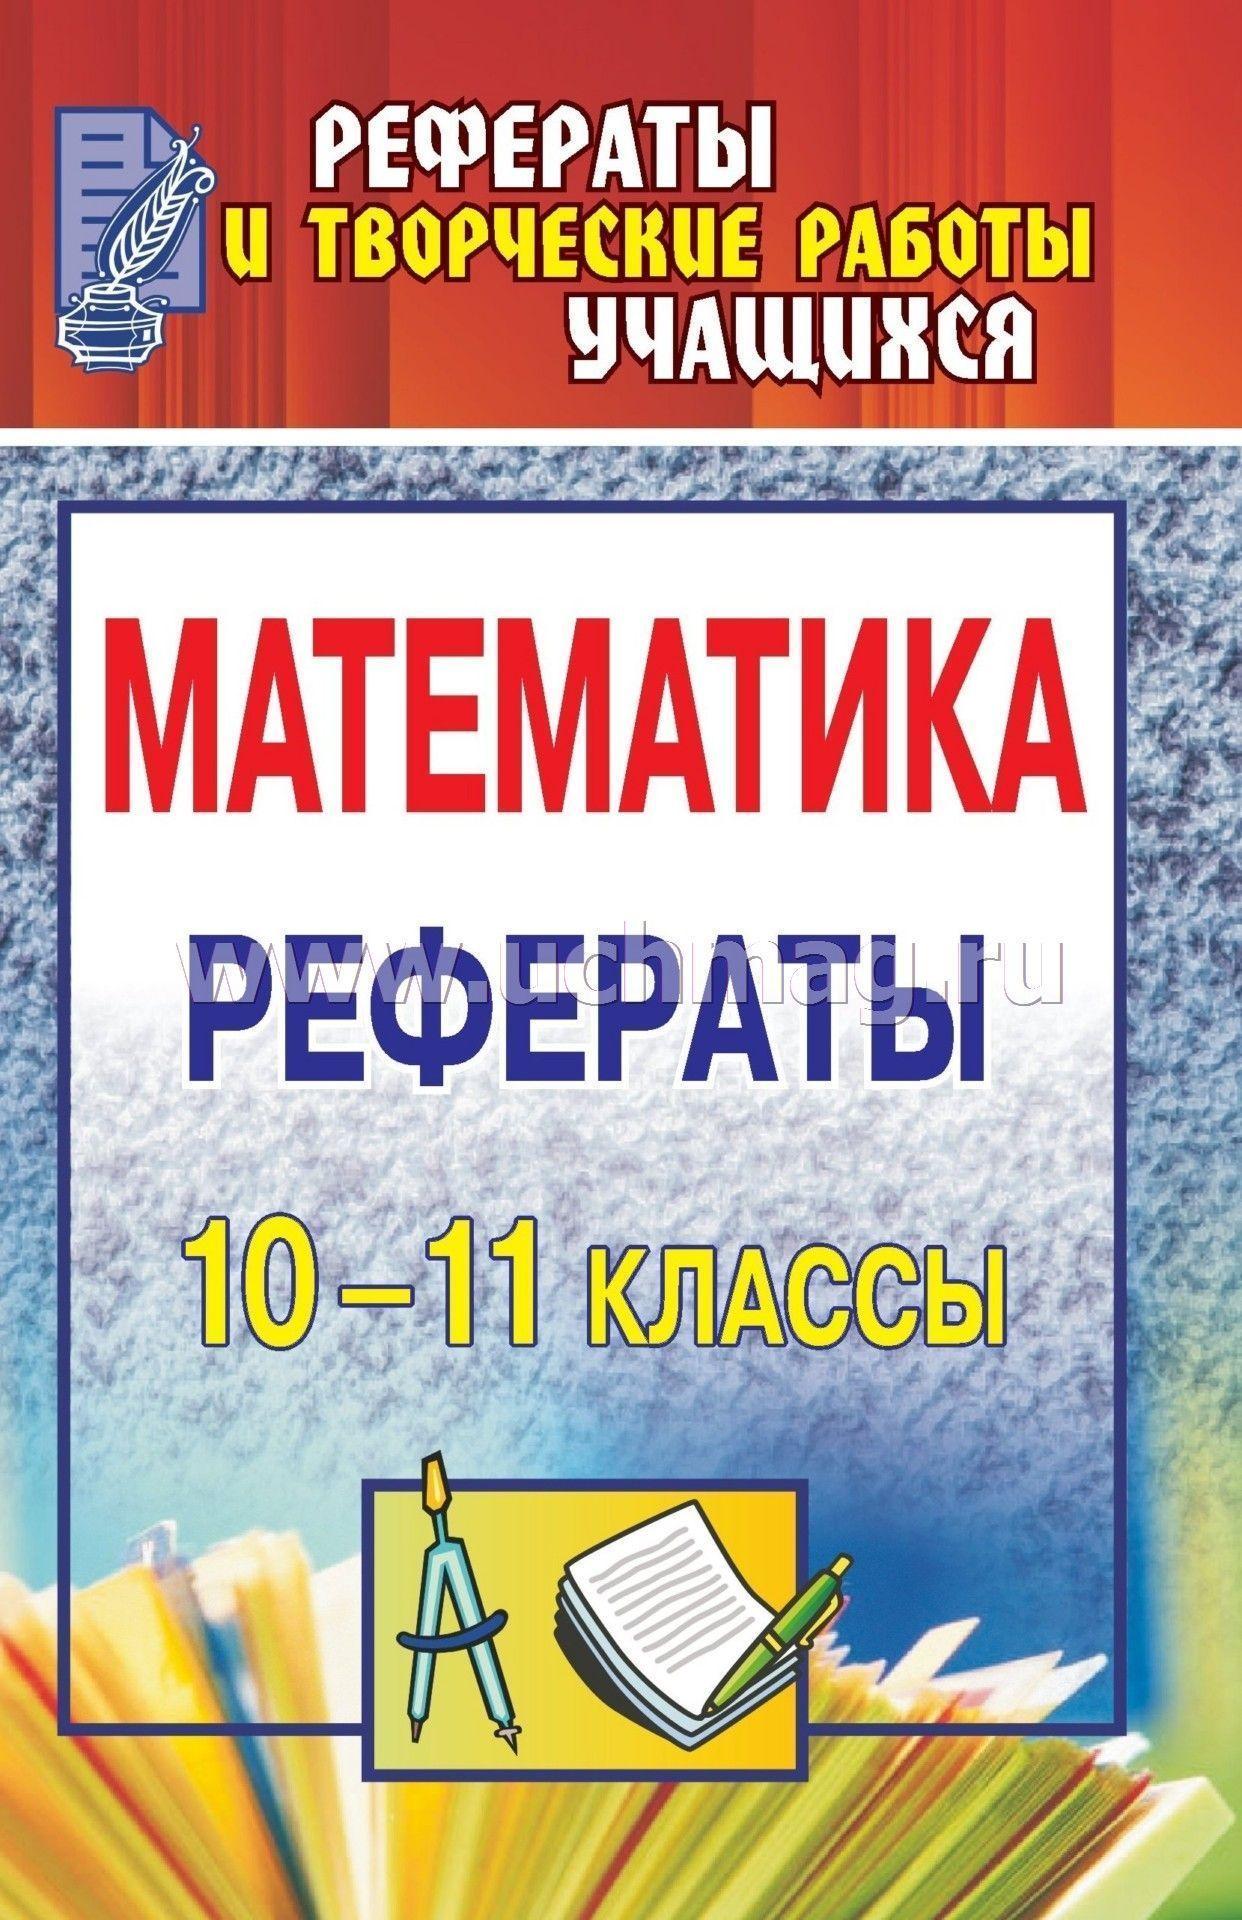 Математика классы рефераты купить в интернет магазине  Математика 10 11 классы рефераты